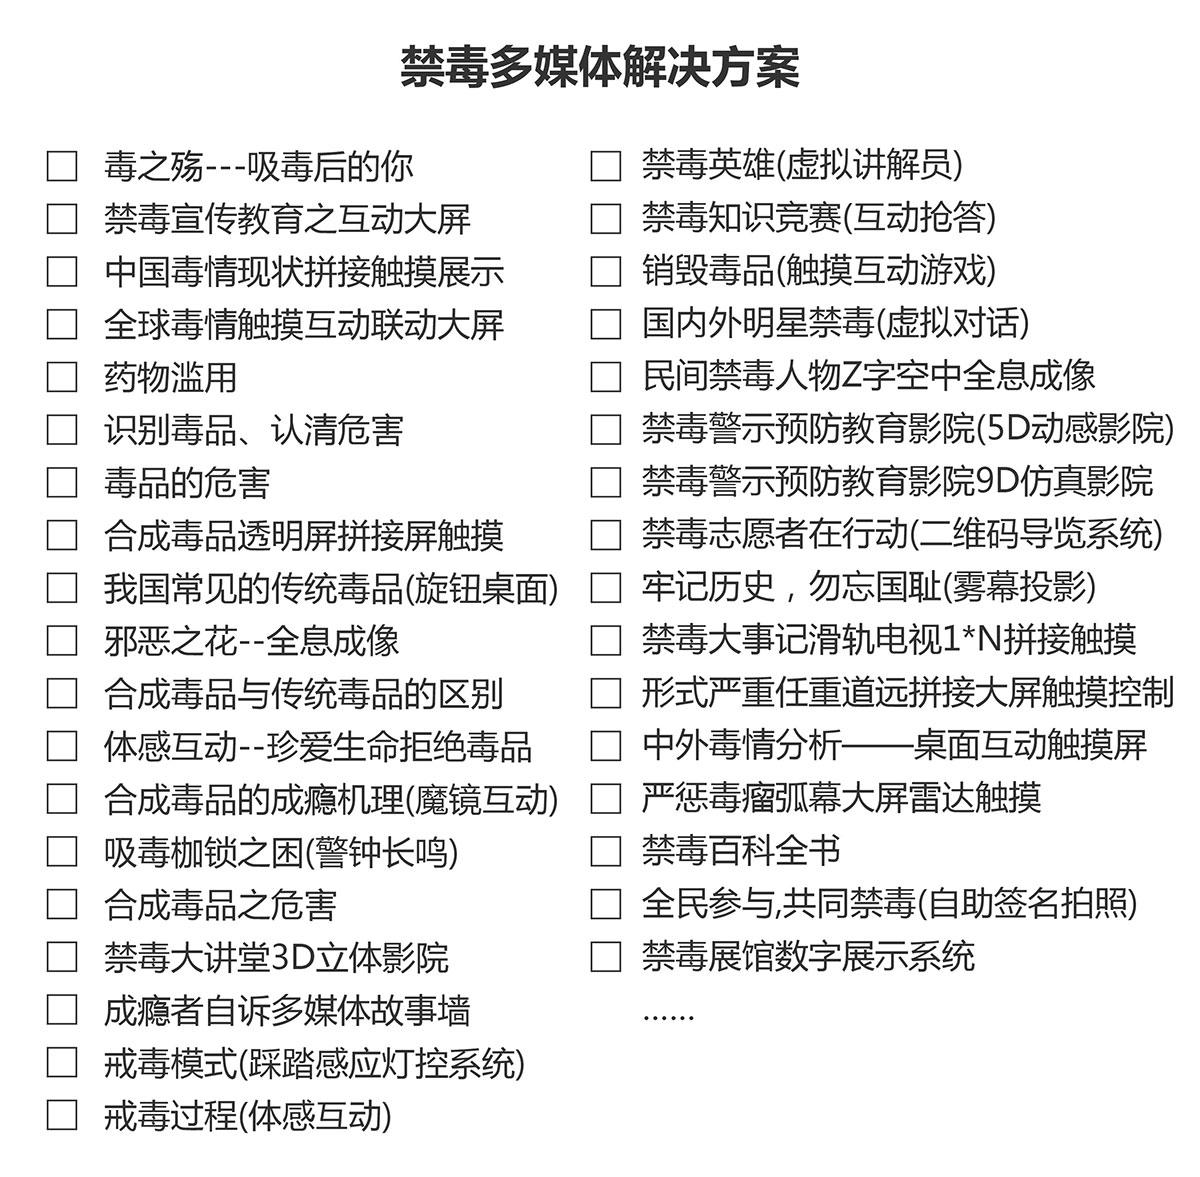 安全体验禁毒多媒体解决方案产品选型.jpg